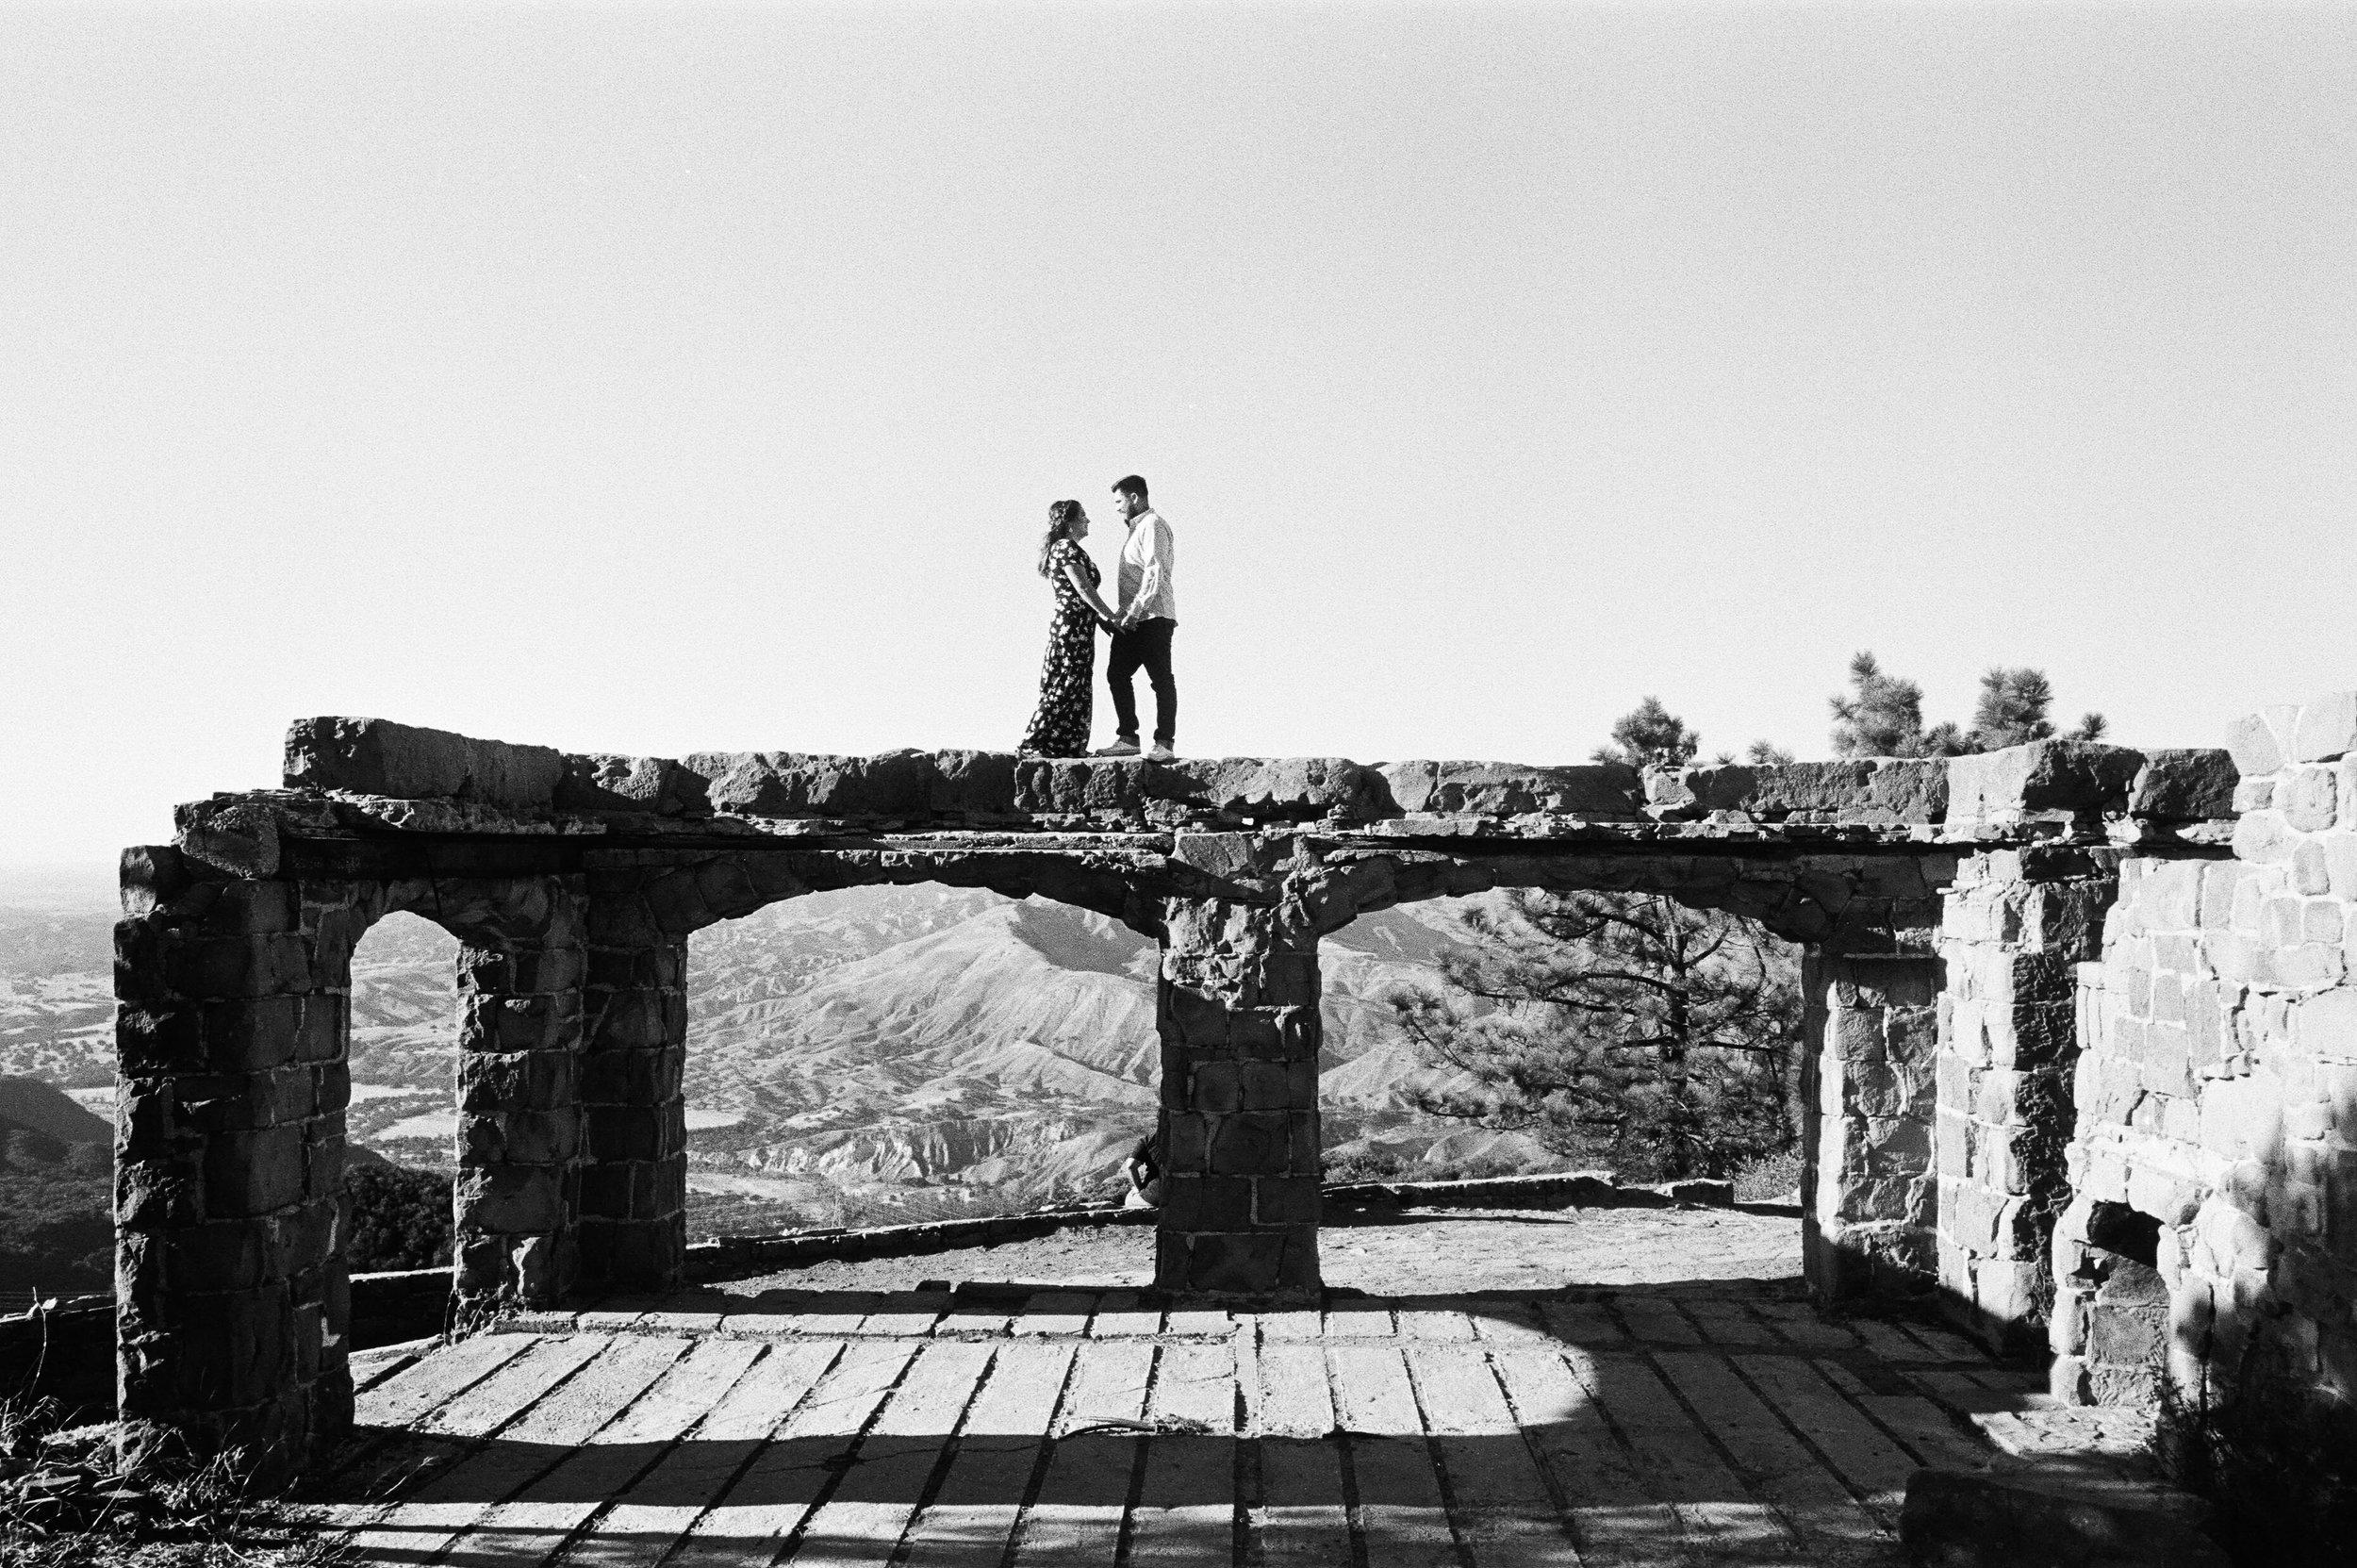 Pasadena_Kodak TX400 B&W_35mm_37.jpg